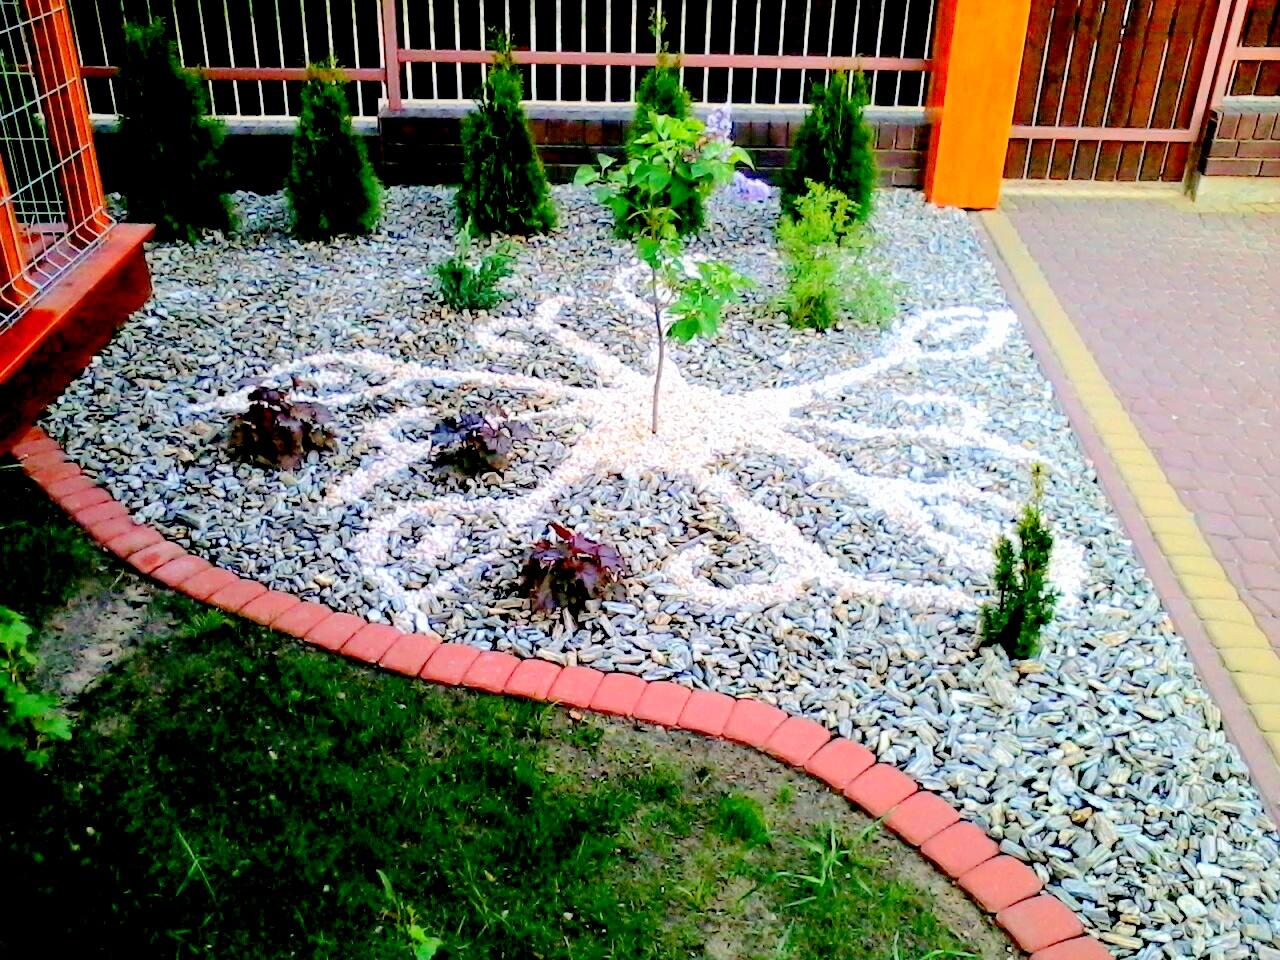 Ogród-projektowanie-zakładanie-pielęgnacja